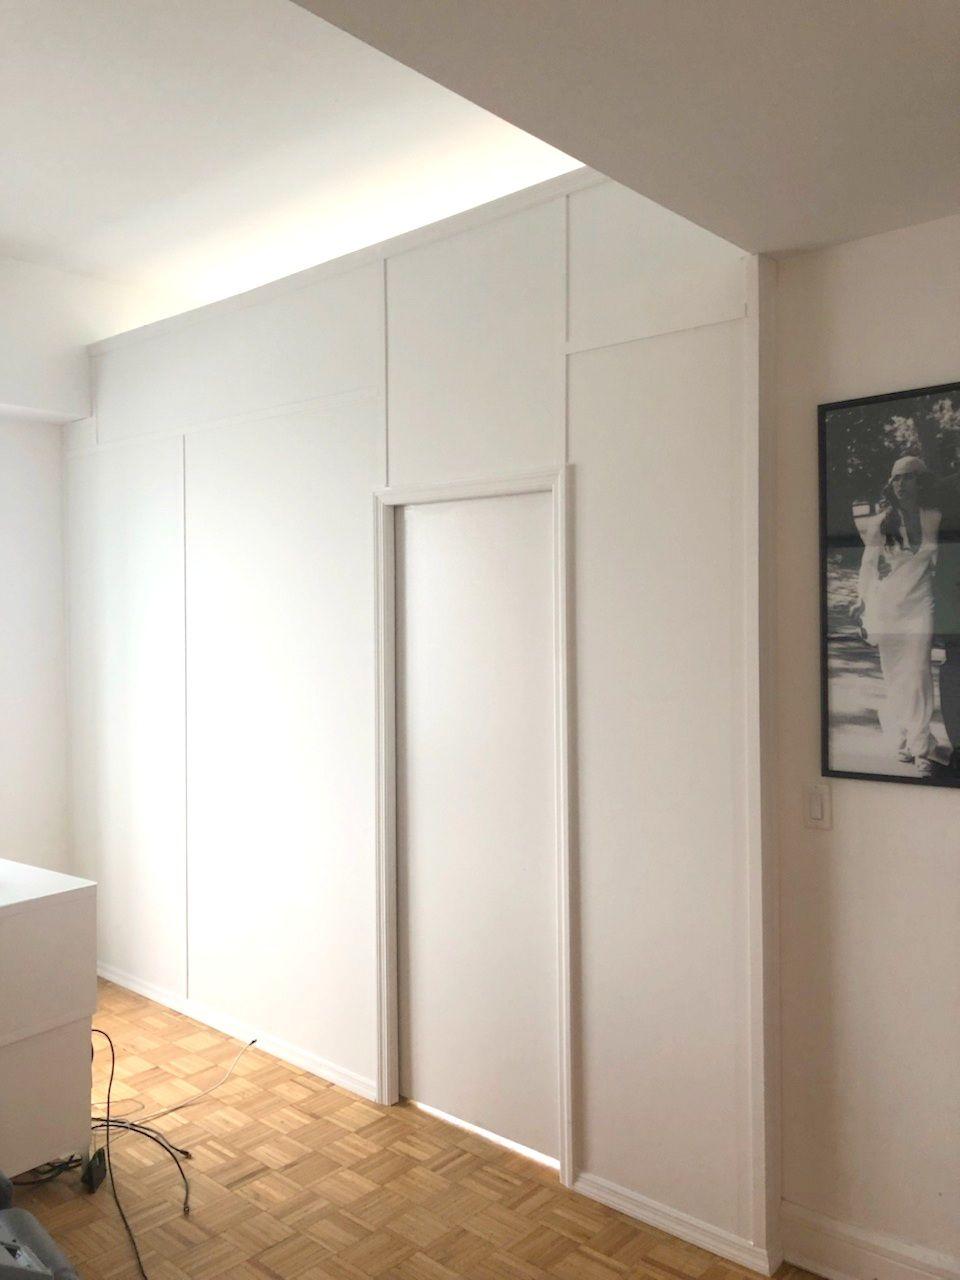 32+ Temporary bedroom walls information